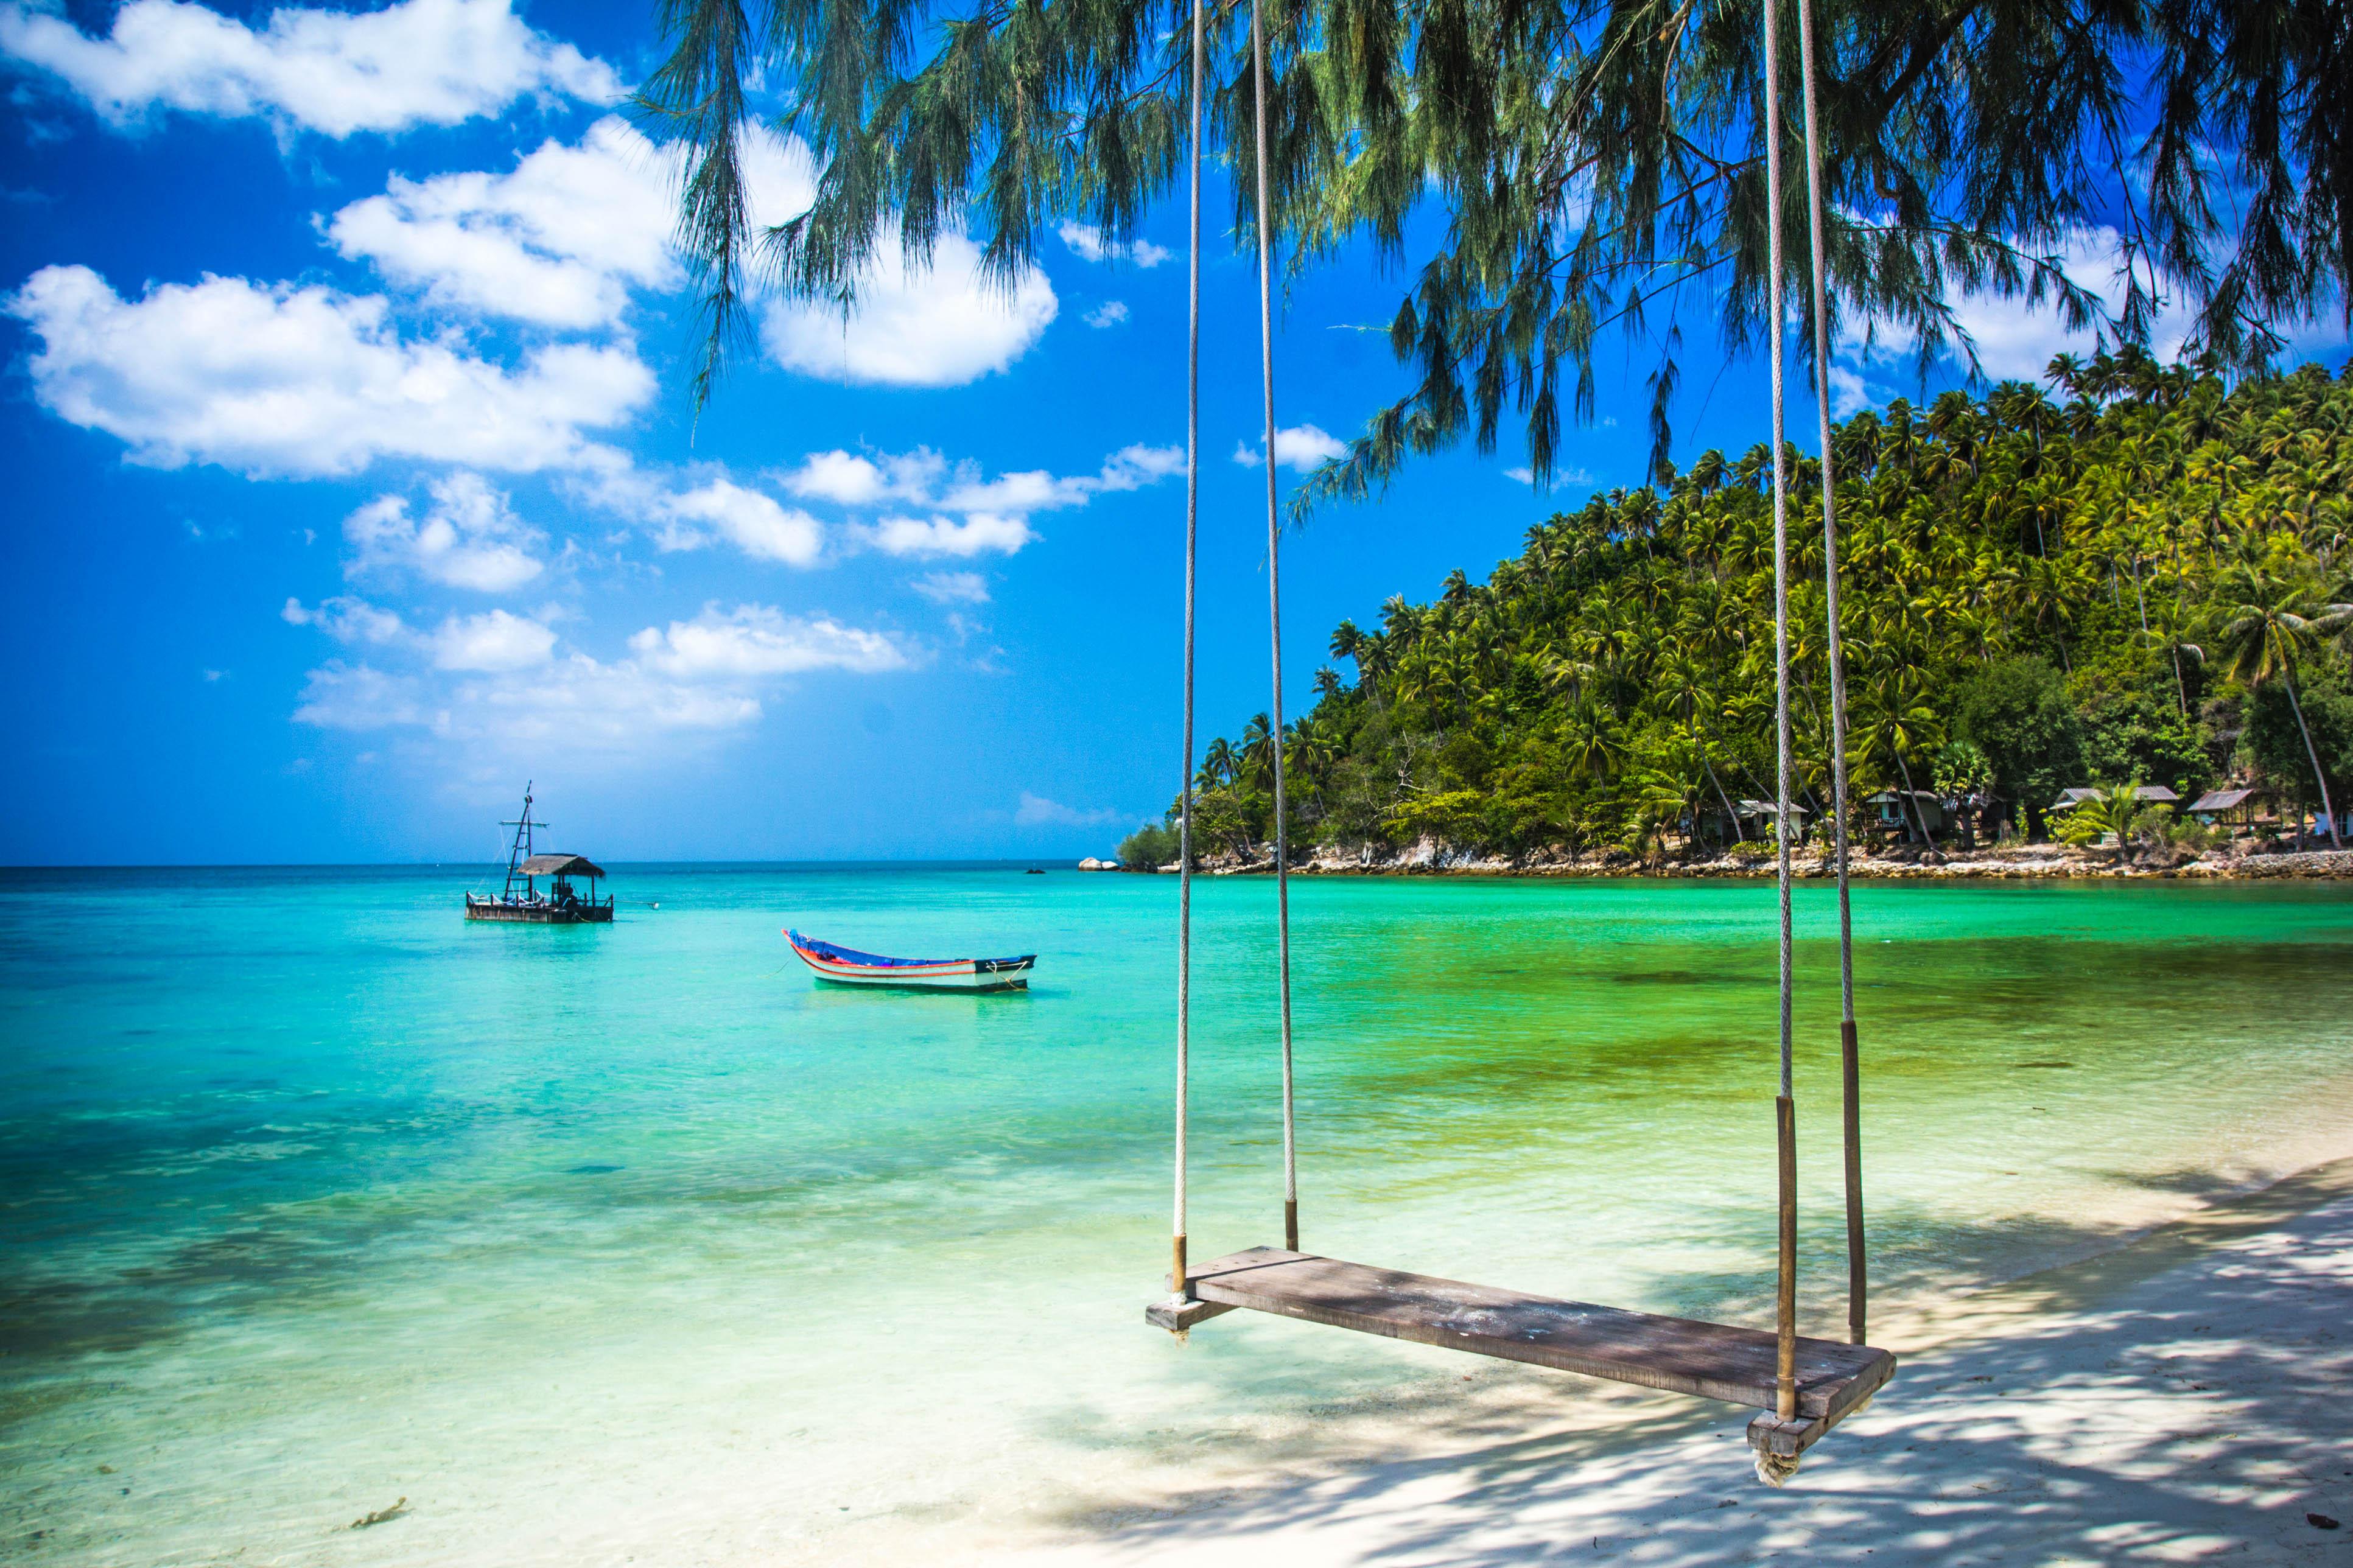 Deutschland Thailand Hotel Und Flug